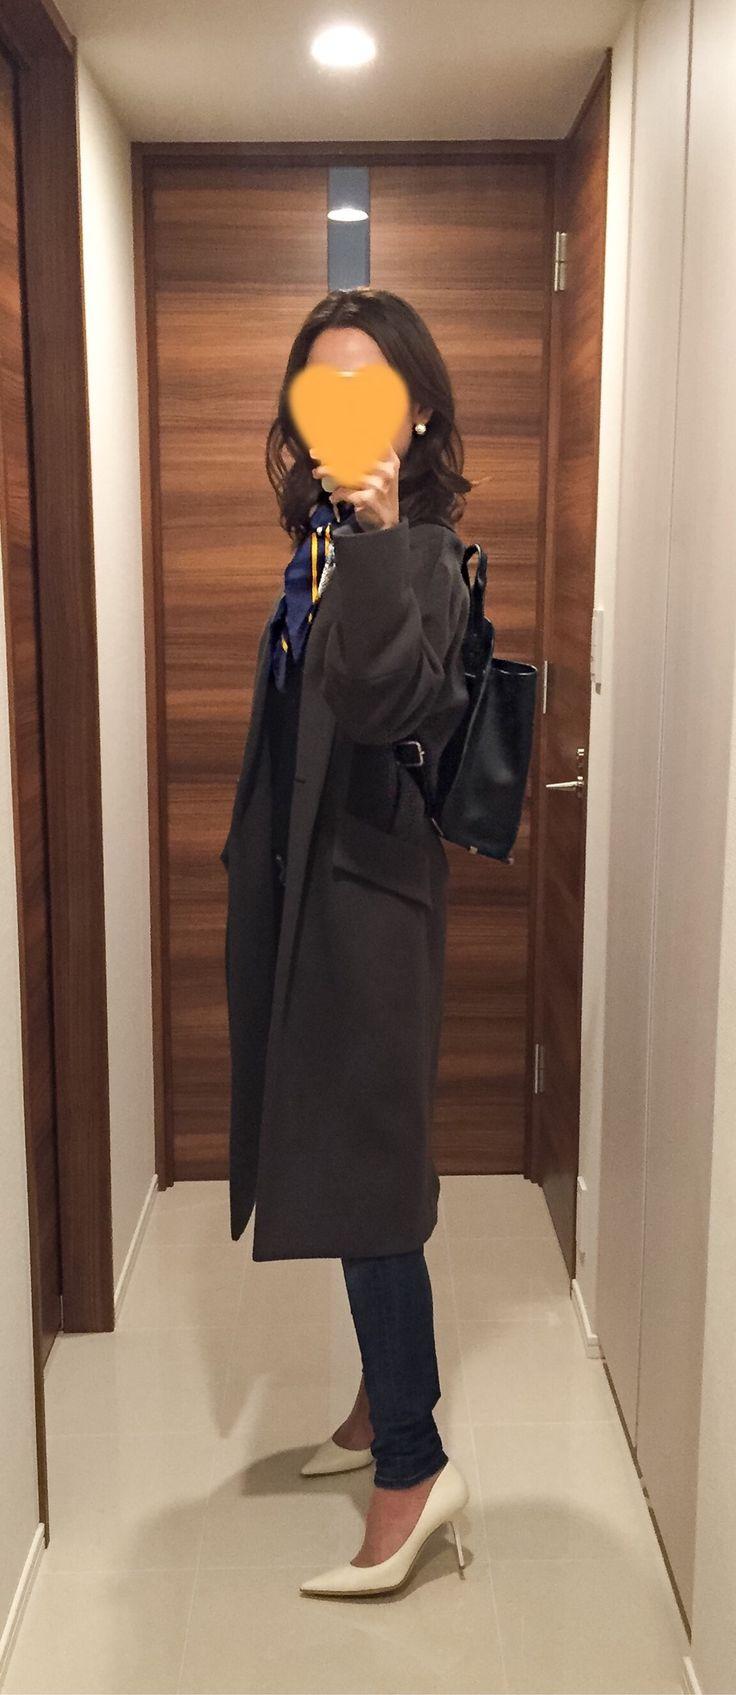 Khaki grey coat: Des Pres